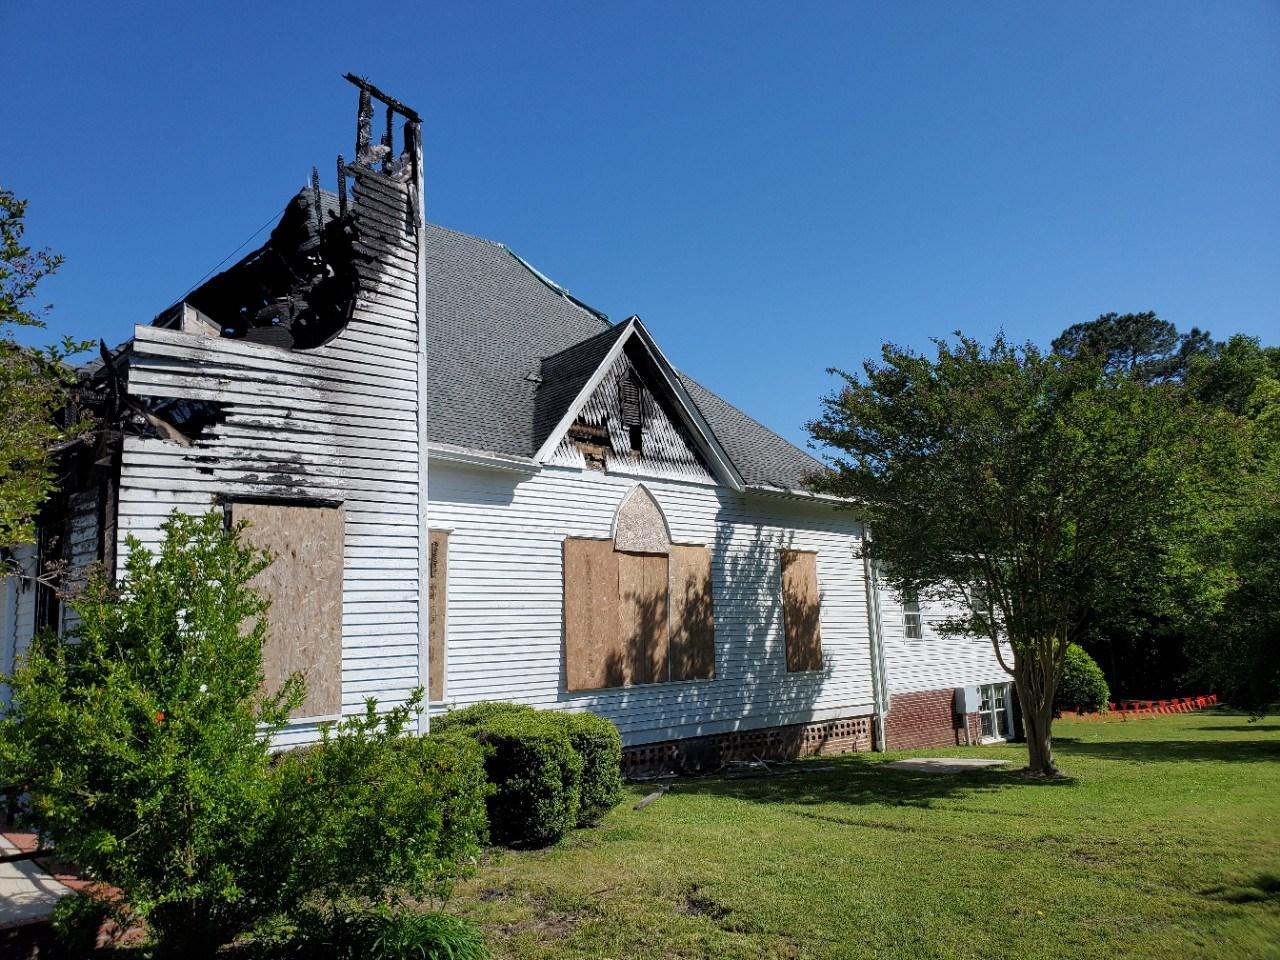 Fire-damaged church exterior